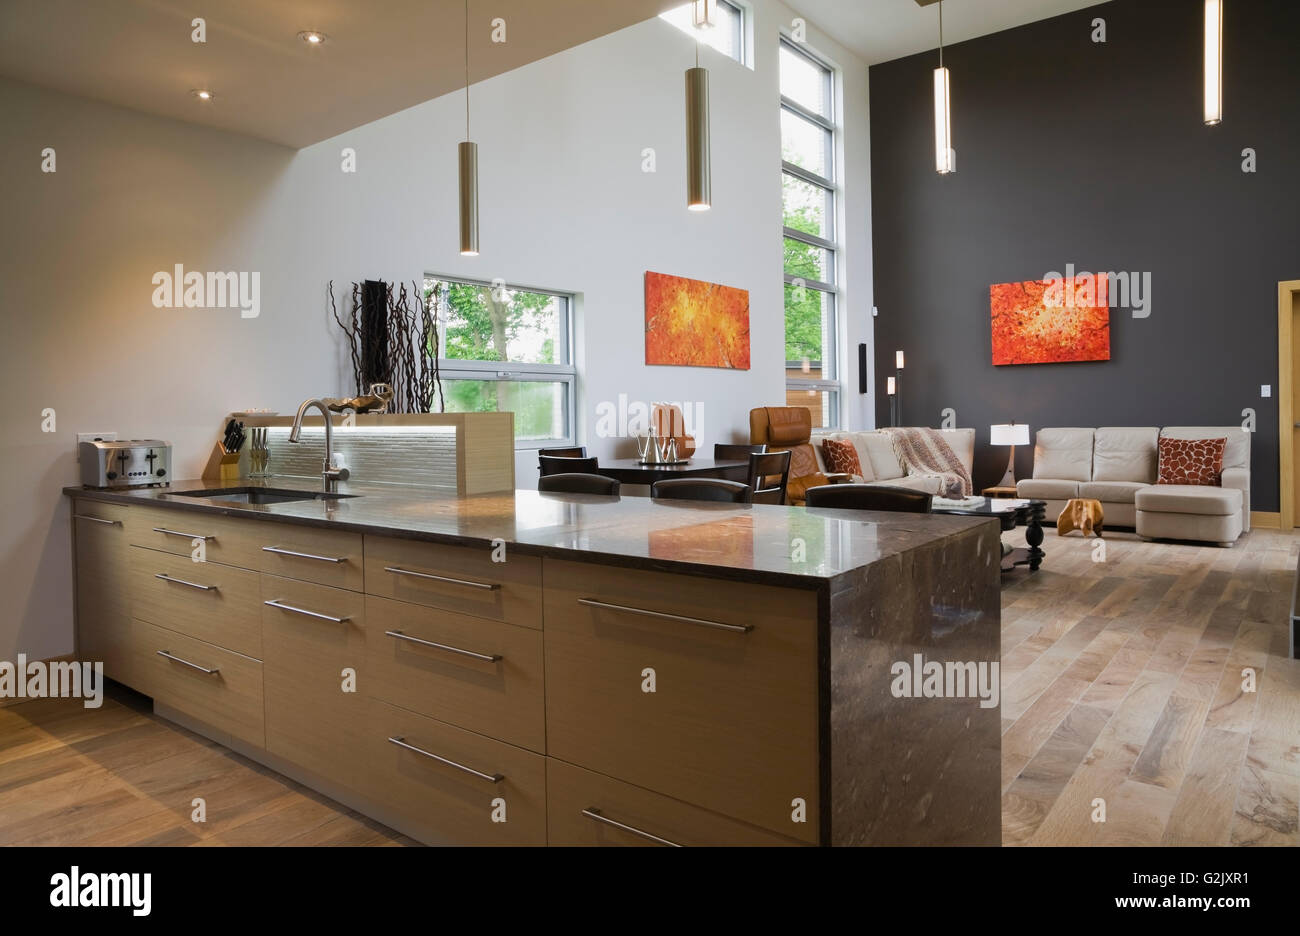 Interni Casa Grigio : Isola di colore grigio scuro bancone in marmo lavello in cucina a